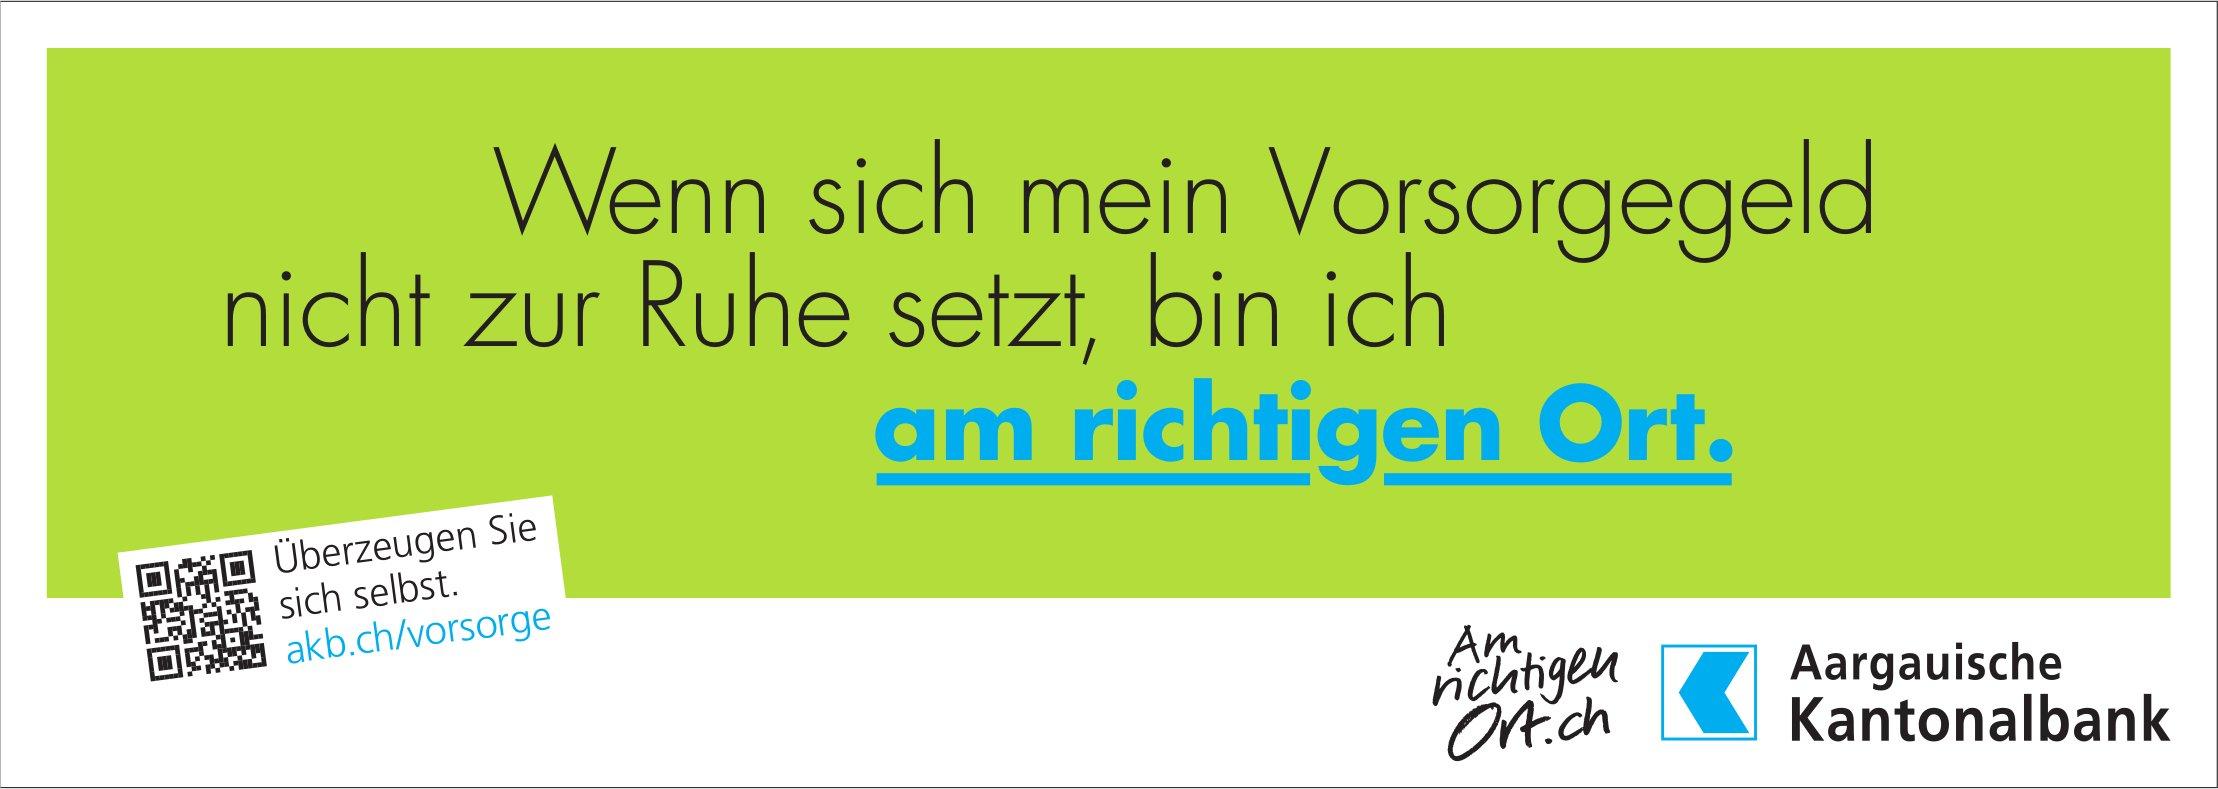 Aargauische Kantonalbank -  Wenn sich mein Vorsorgegeld nicht zur Ruhe setzt, bin ich am richtigen Ort.